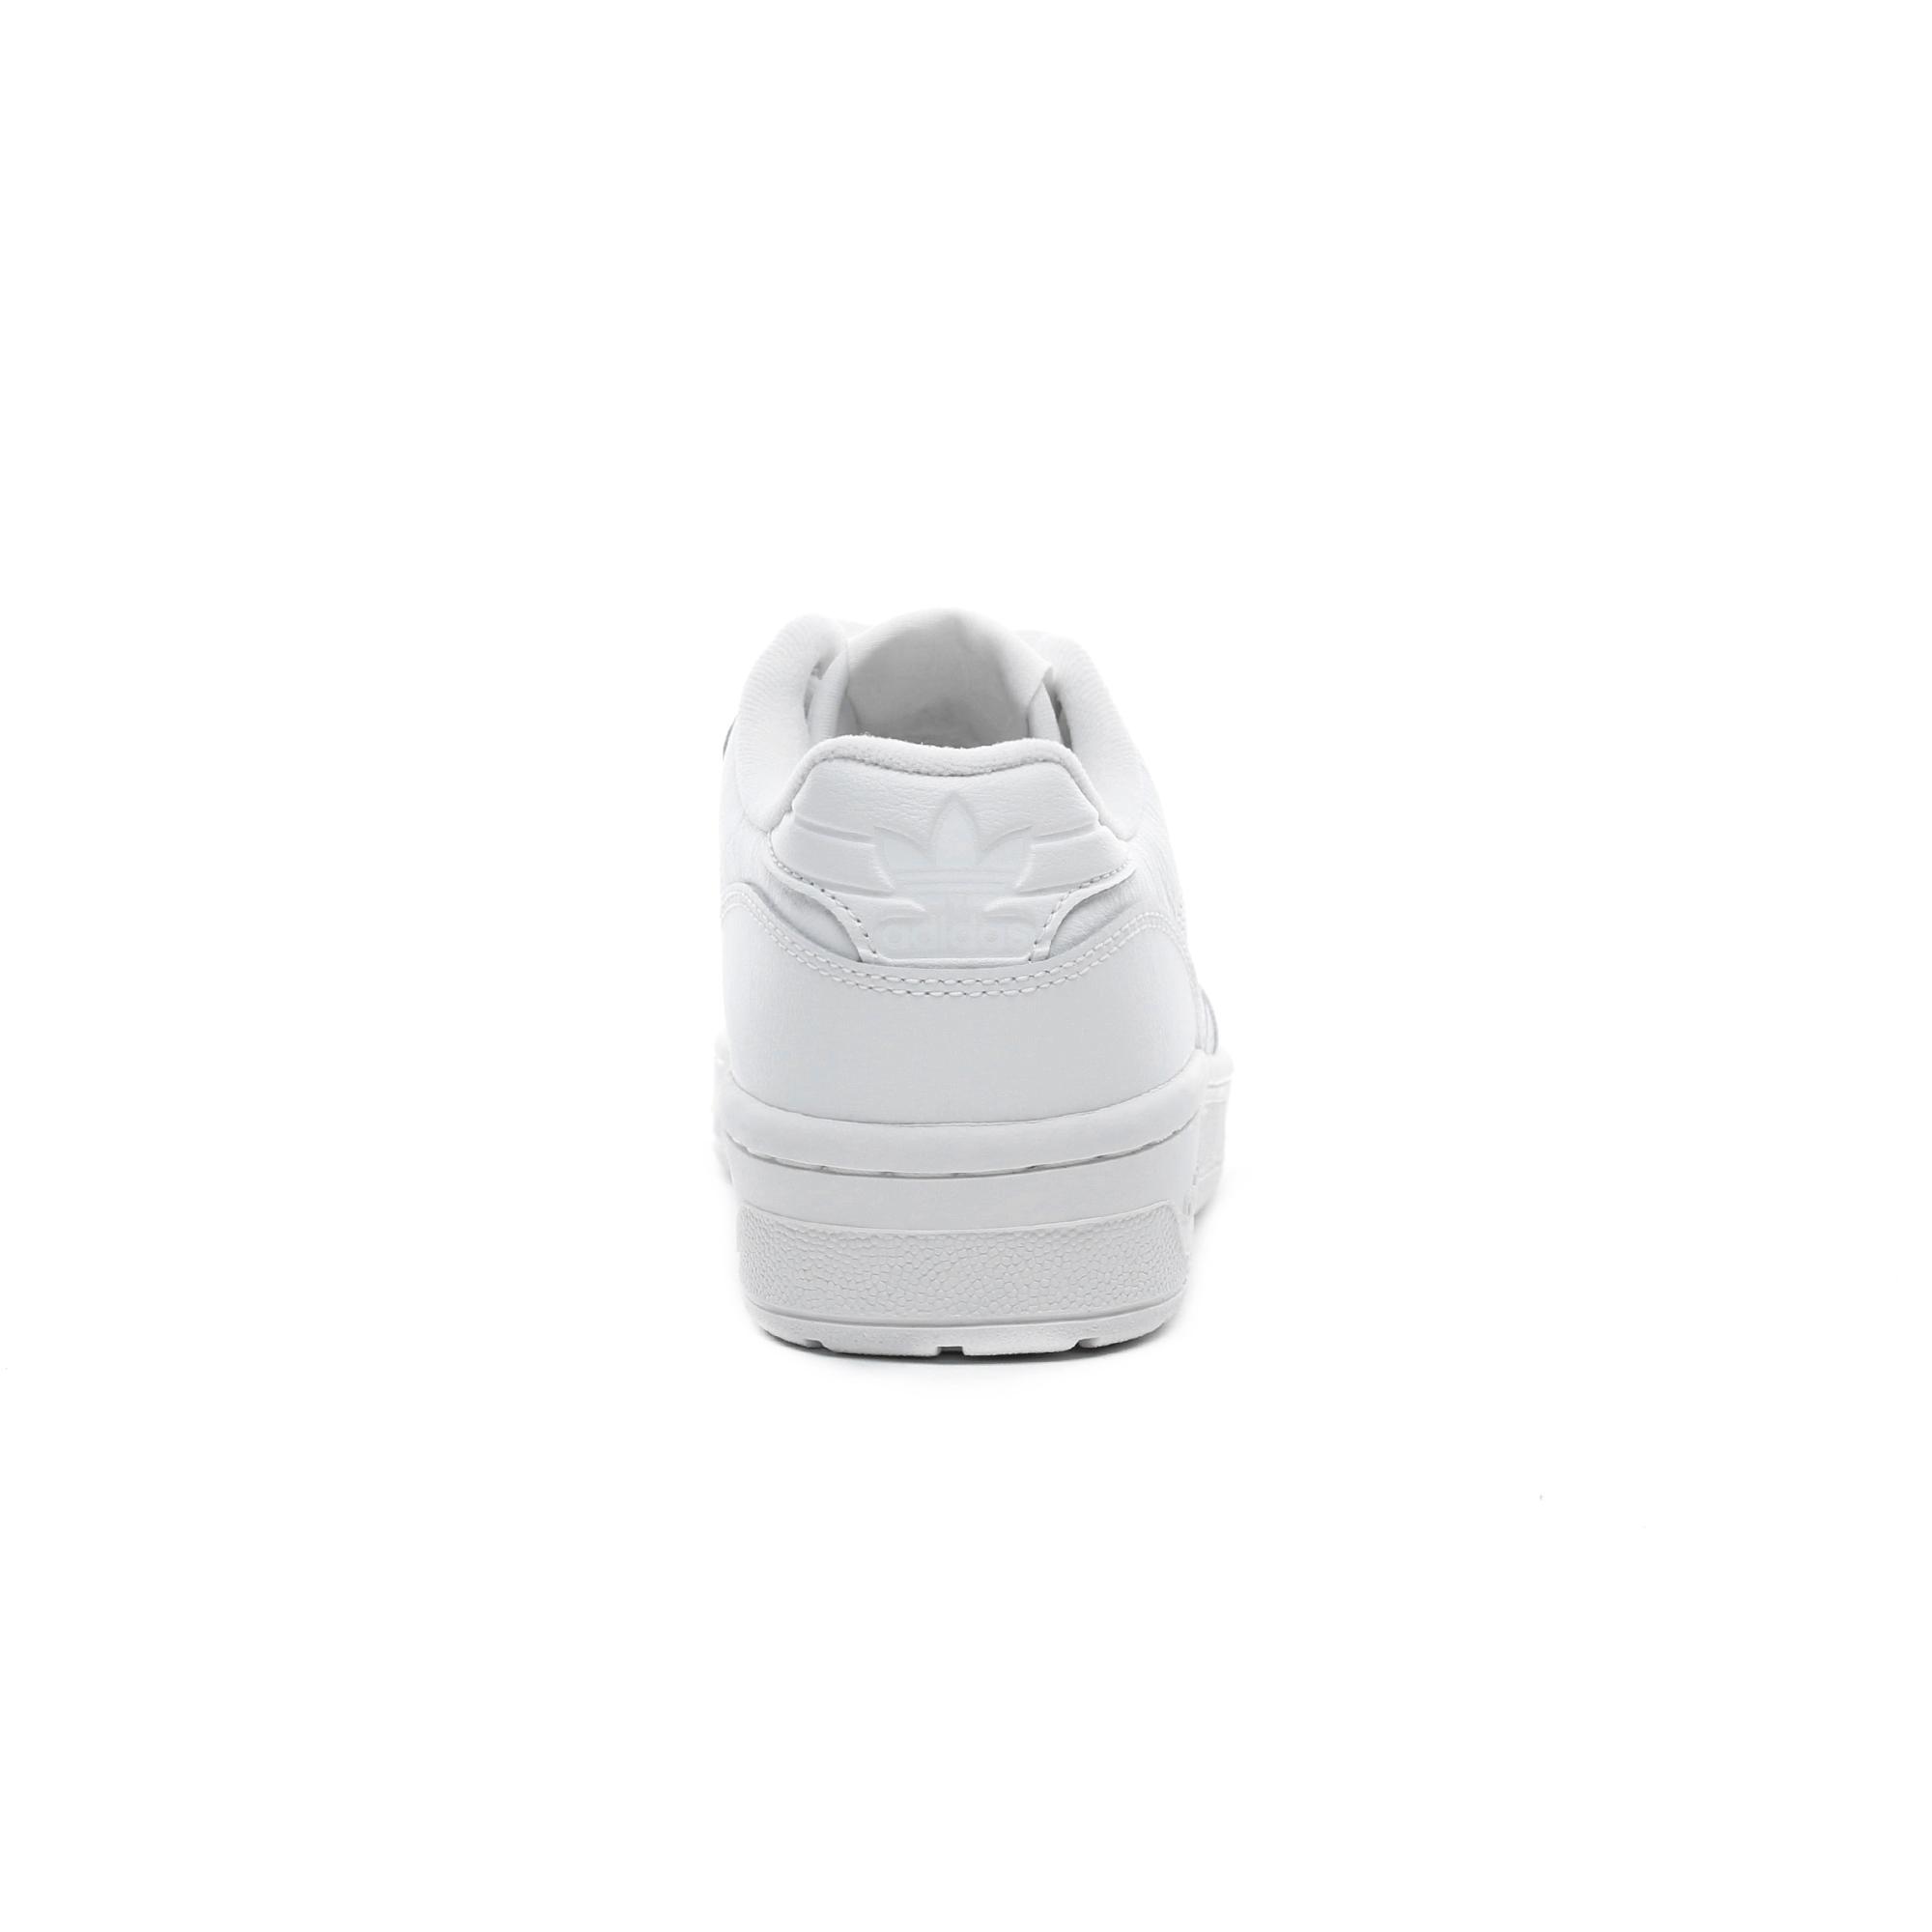 adidas Rivalry Low Unisex Beyaz Spor Ayakkabı